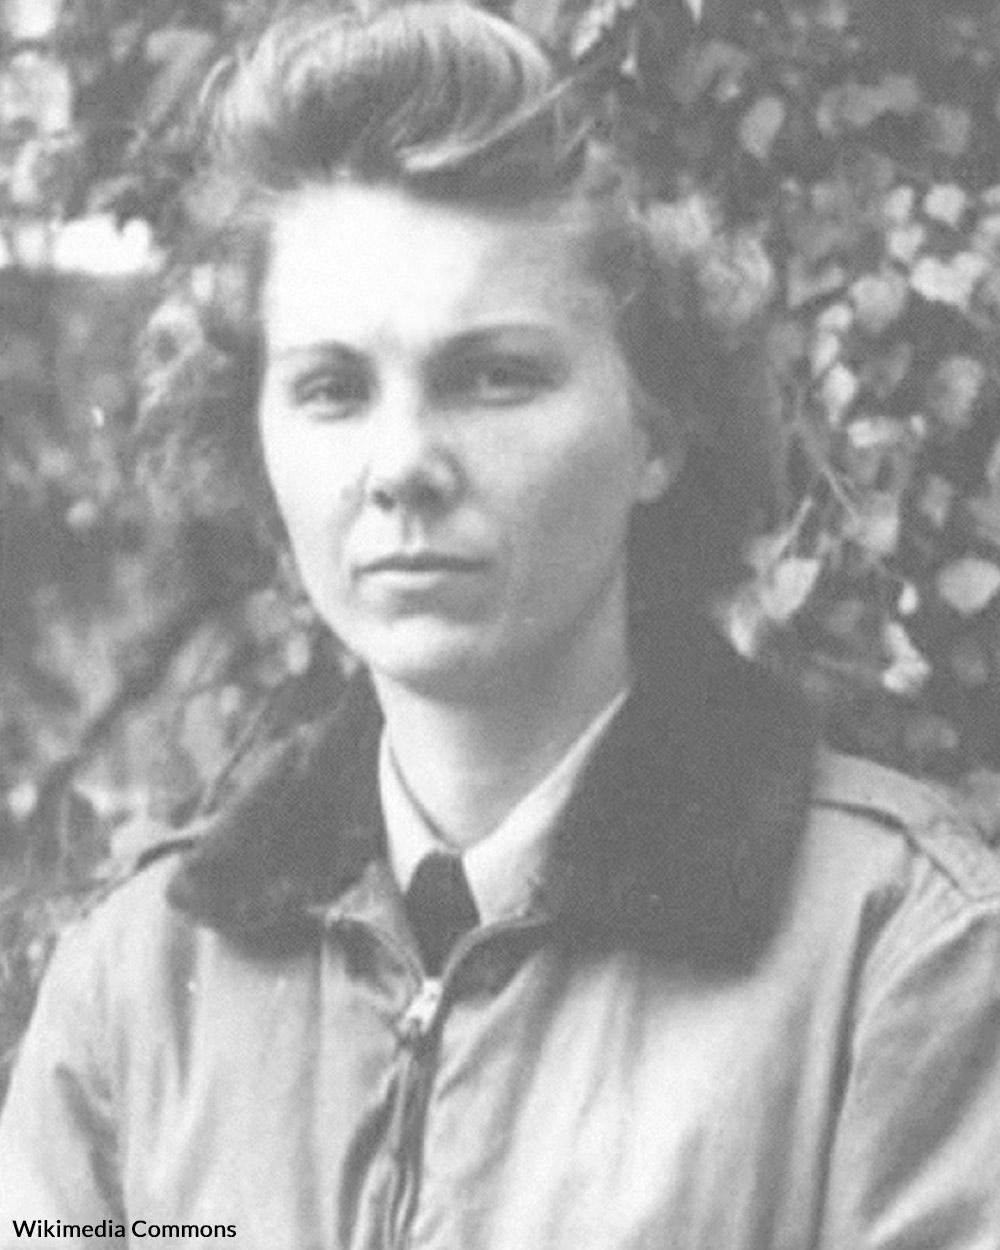 Lt. Reba Whittle